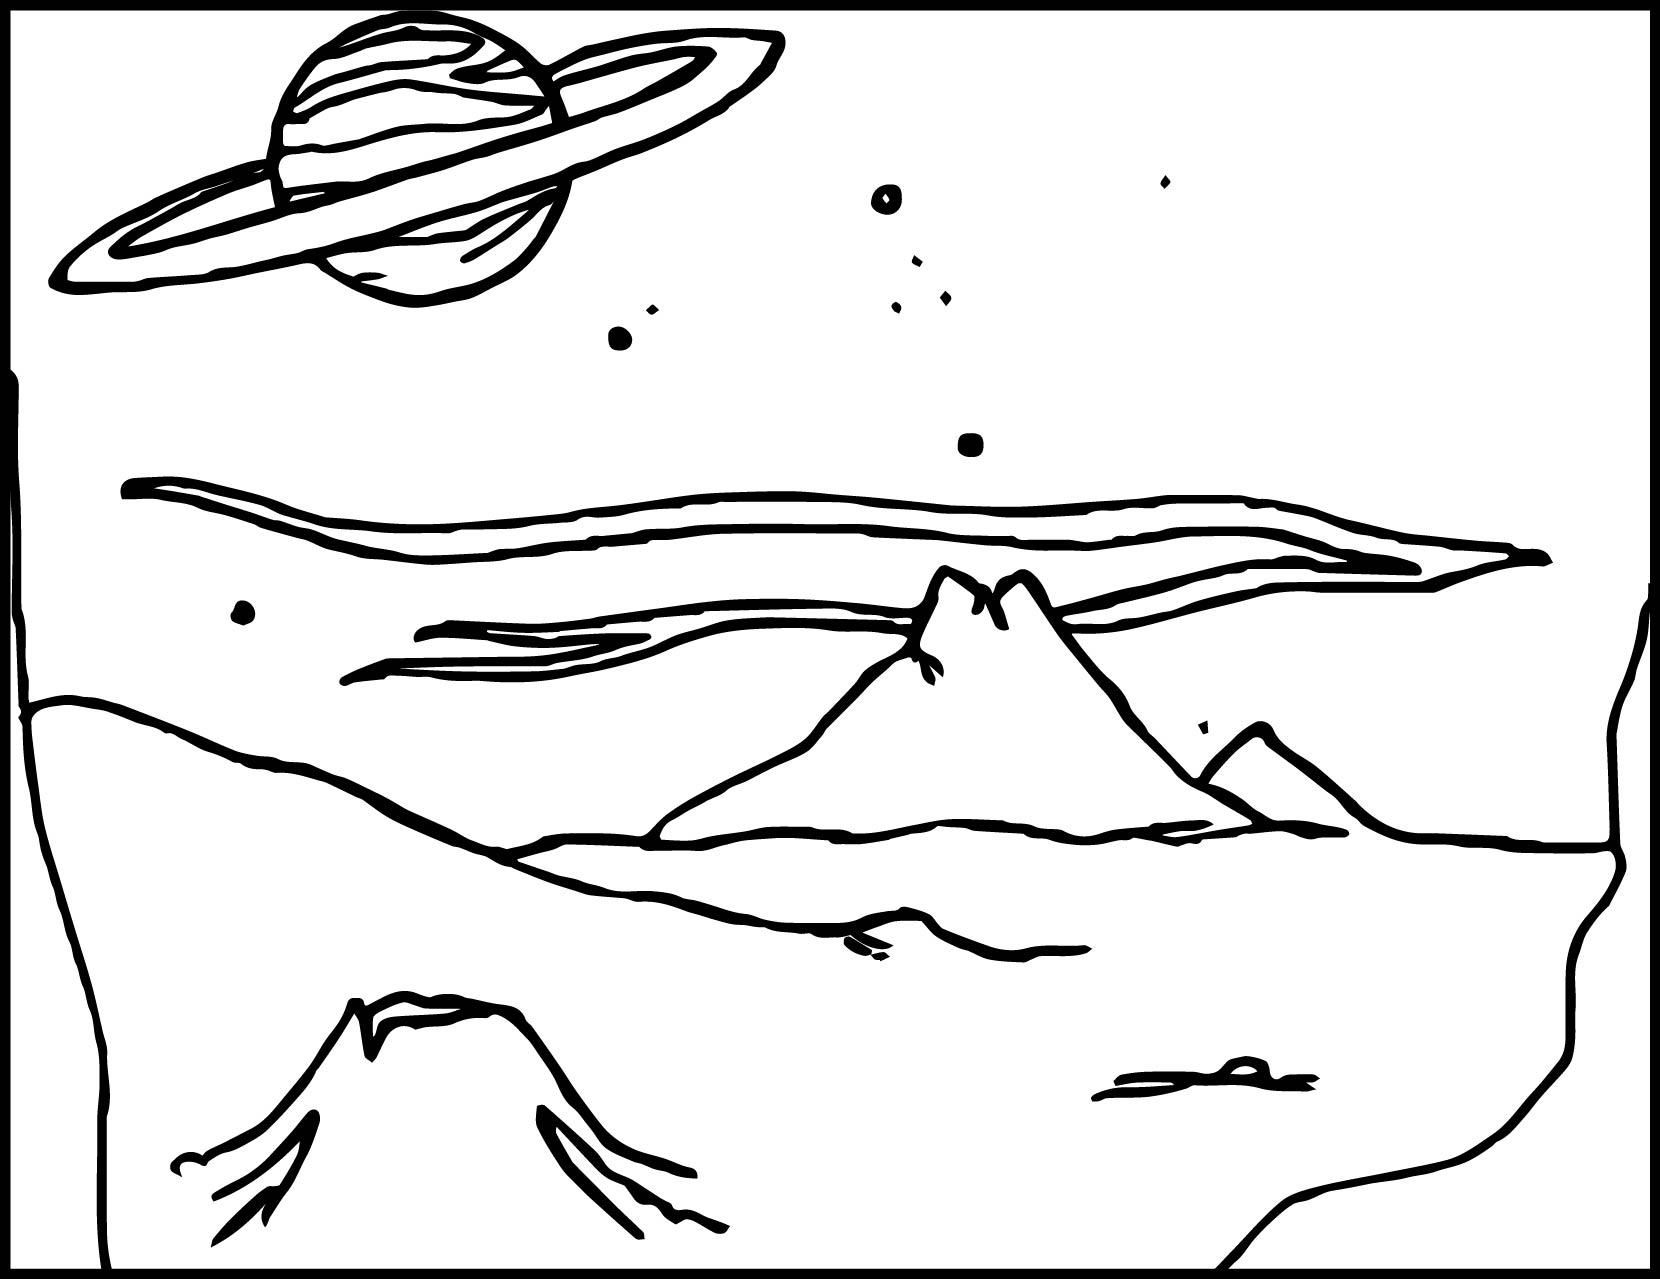 Alien Landscape Coloring Page Wecoloringpage